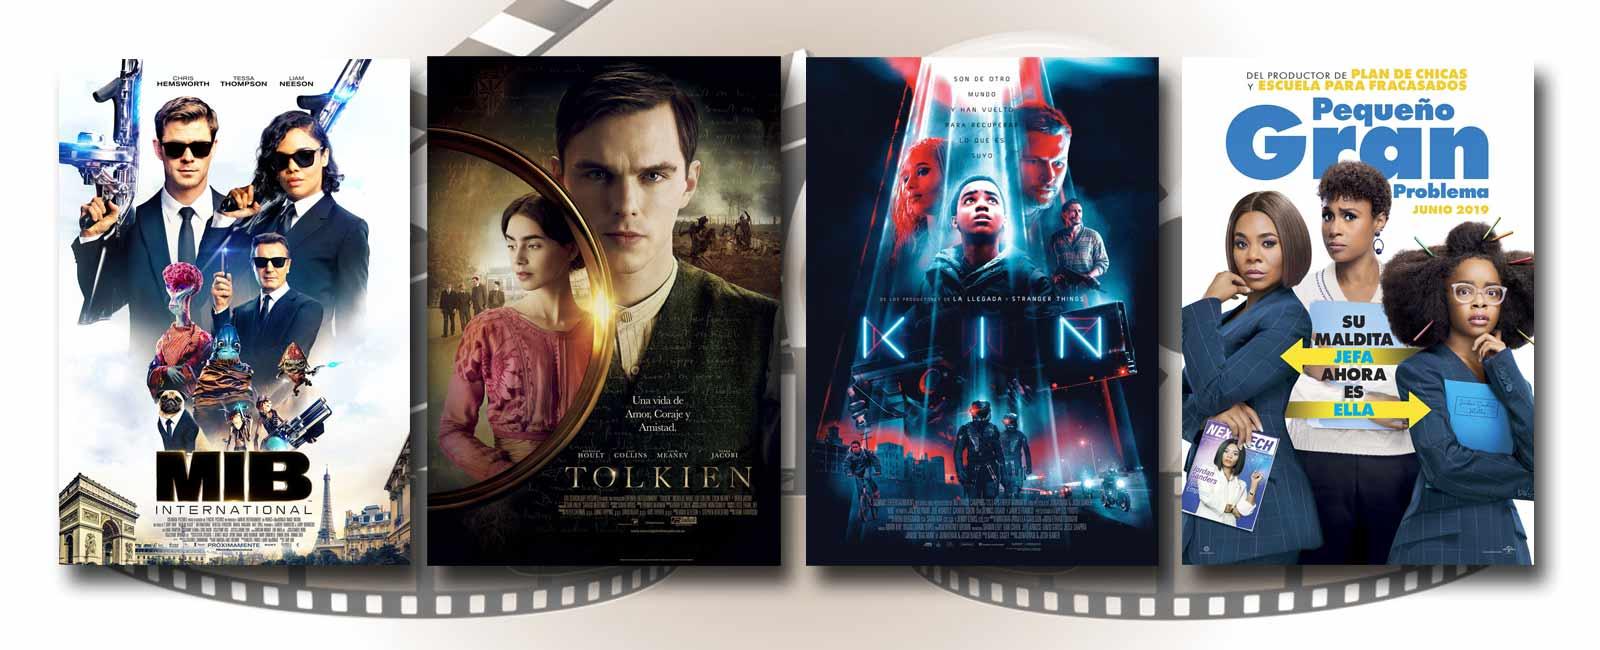 Estrenos de Cine de la Semana… 14 de Junio 2019